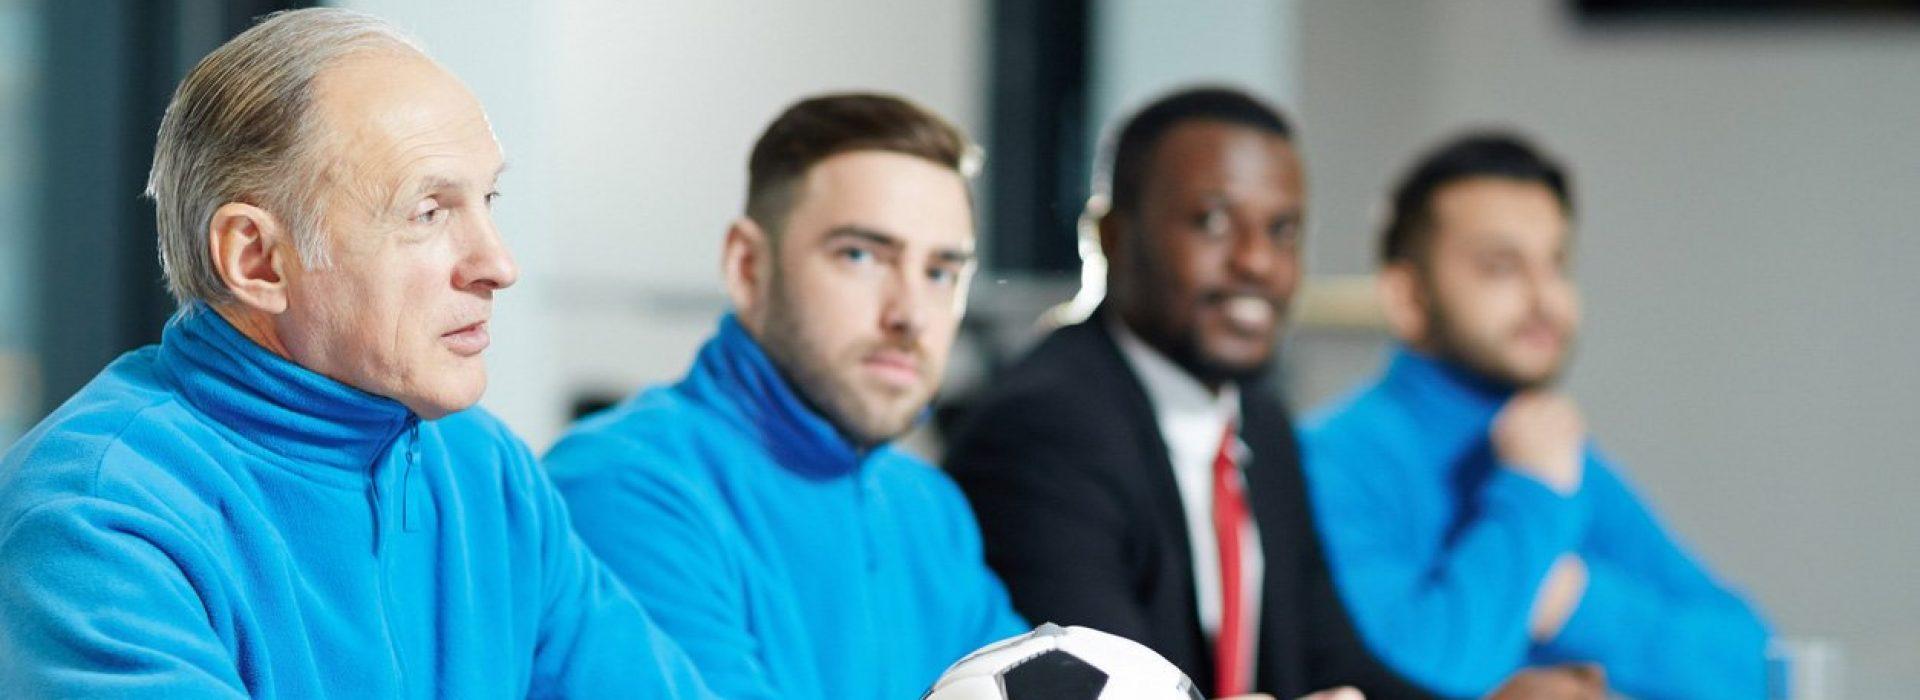 Développez votre carrière professionnelle de foot